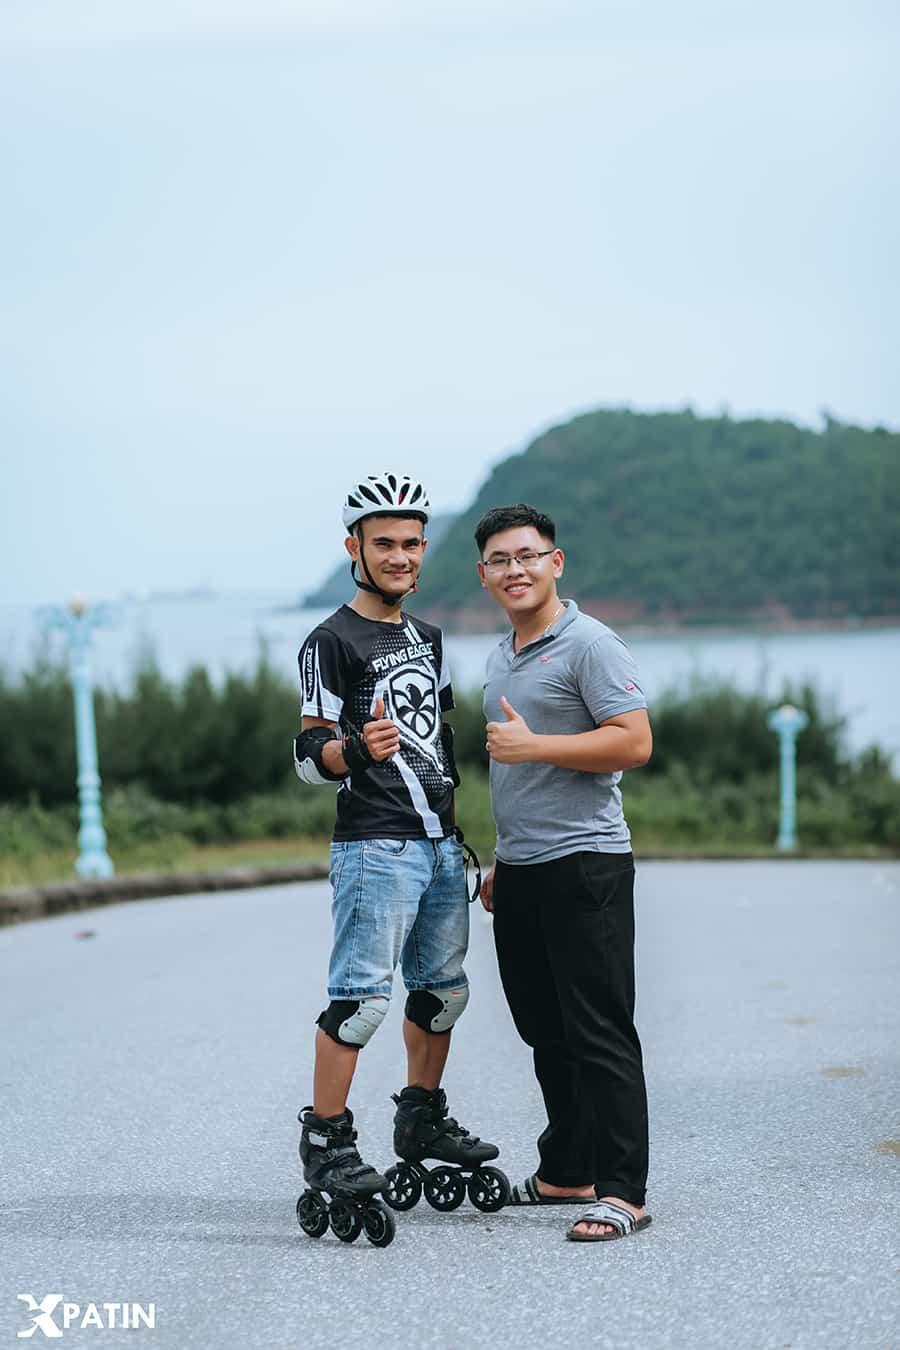 Trượt Patin chinh phục dốc tại khu du lịch Bãi Lữ Nghệ An ảnh 4